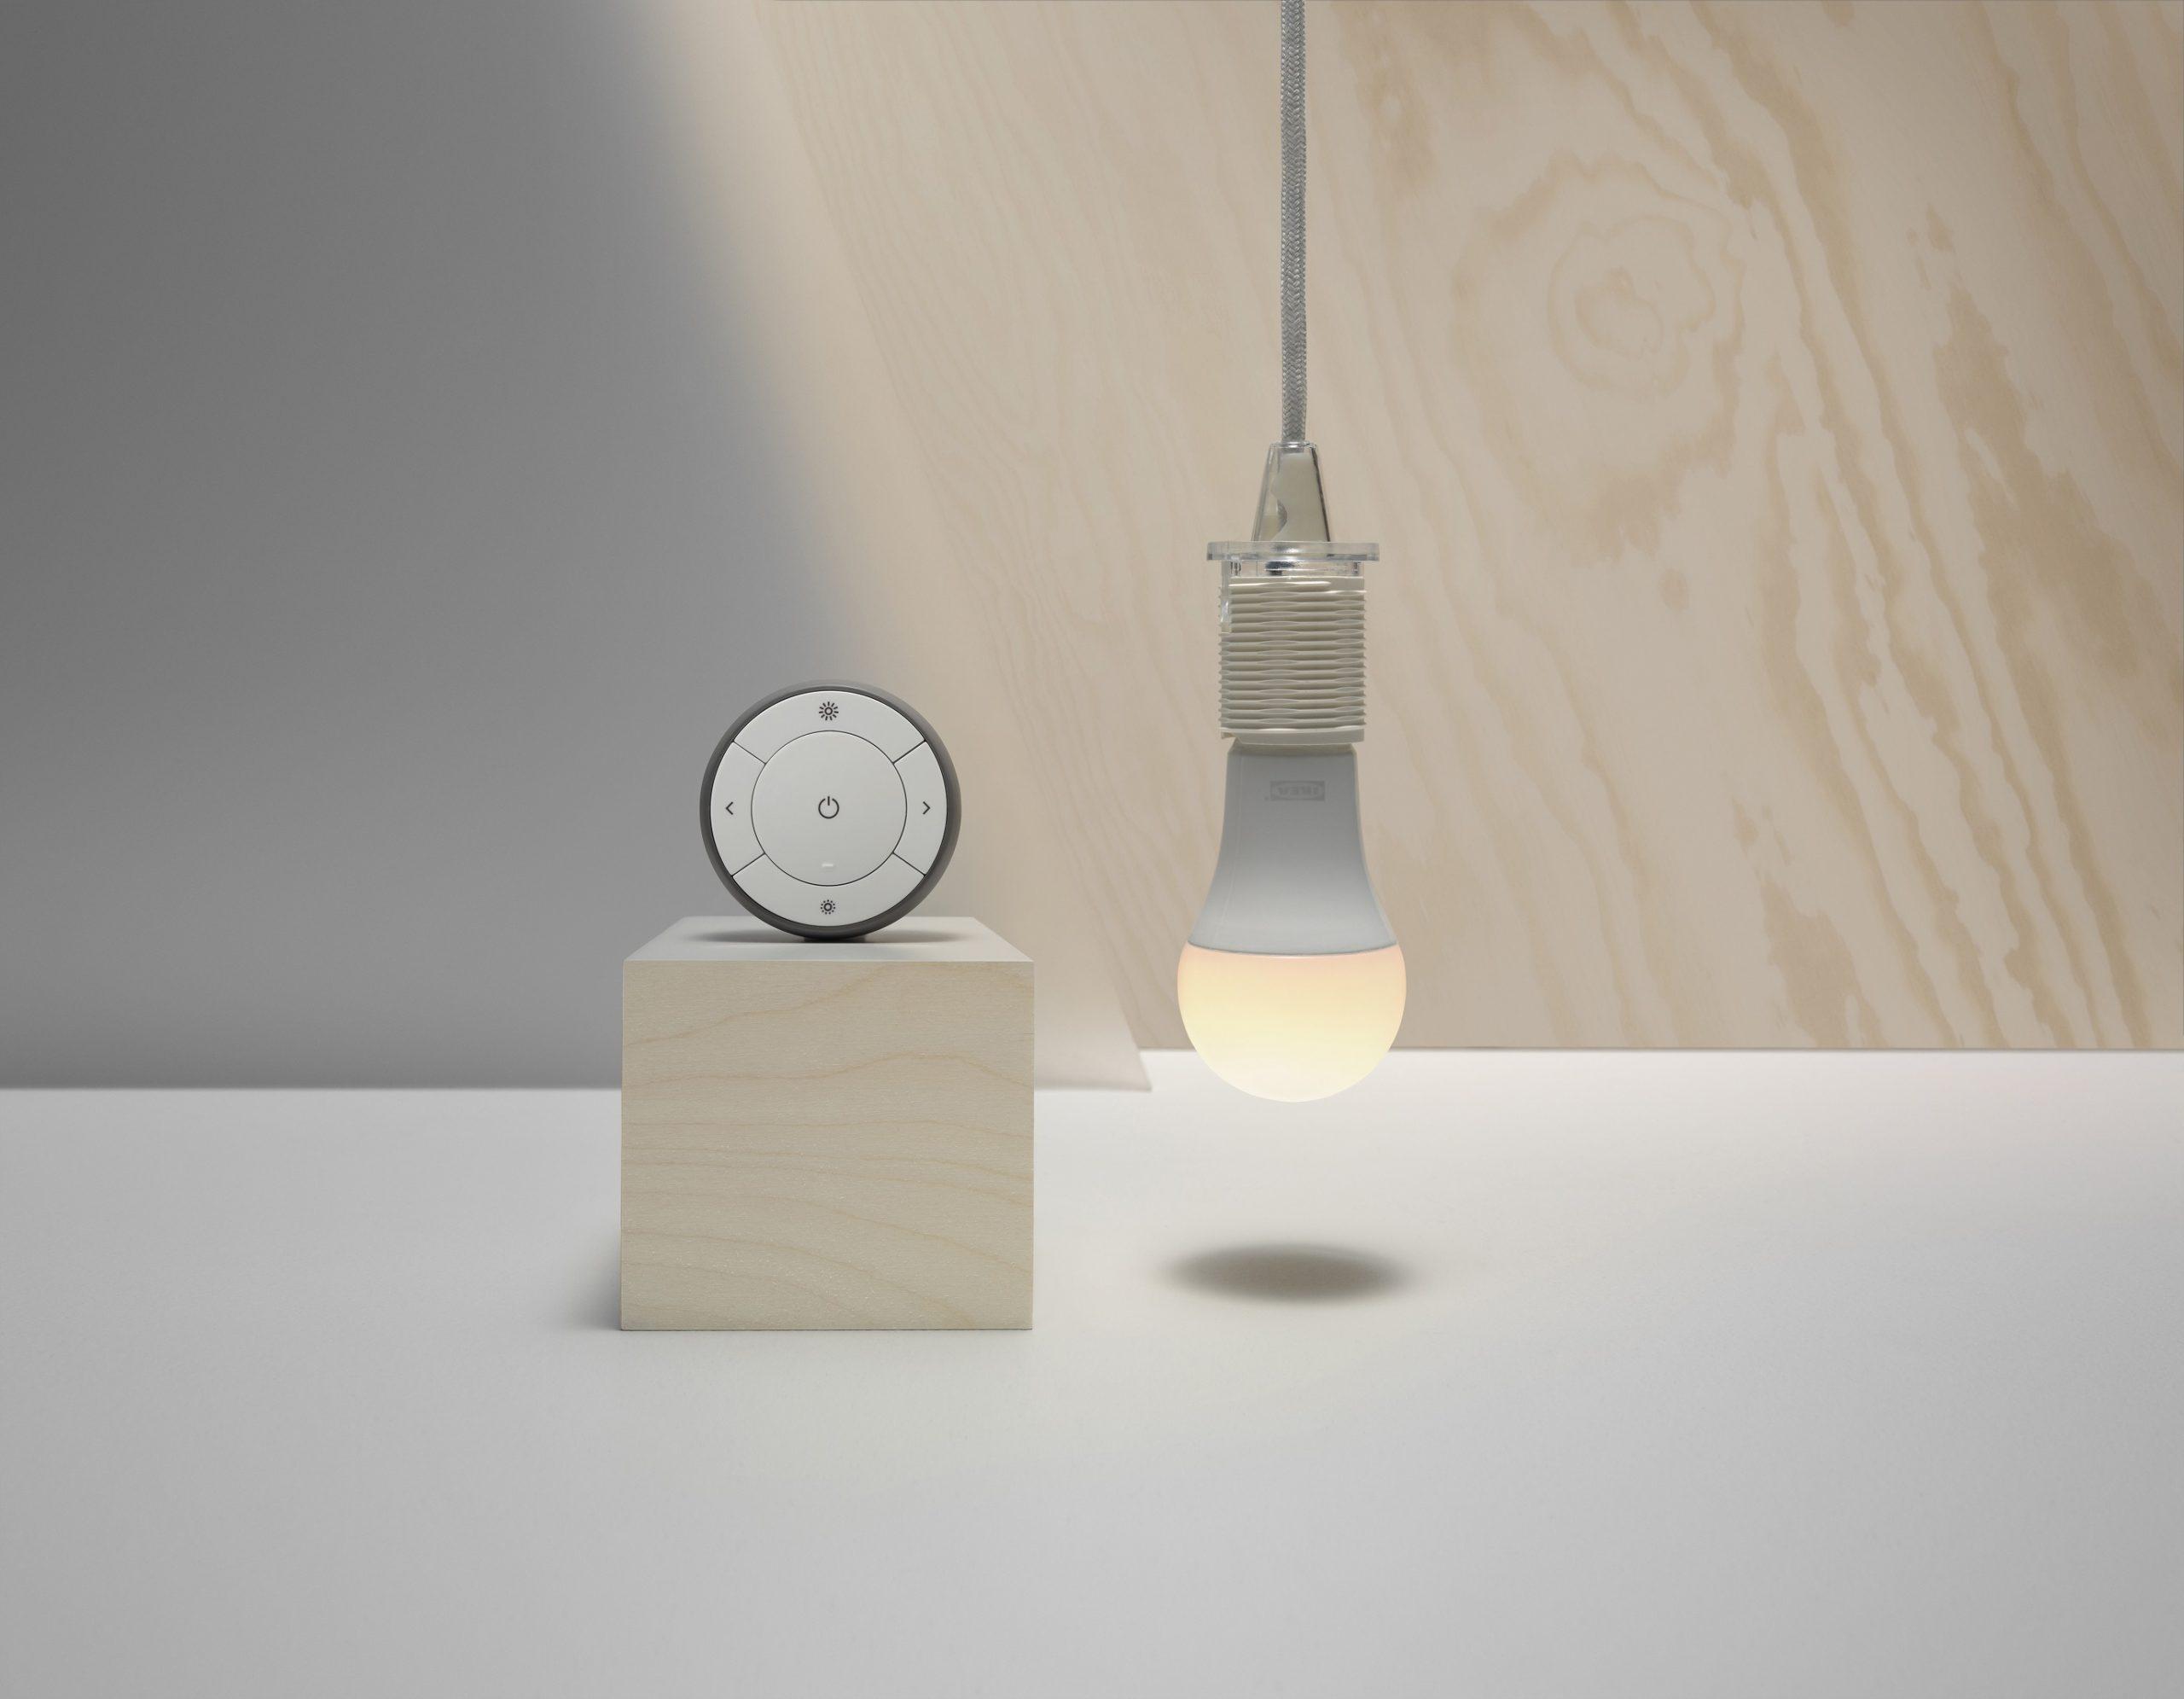 Full Size of Ikea Lampen Alexa Ssteuert Nun Trdfri Smarthomeassistent Deckenlampen Für Wohnzimmer Badezimmer Küche Kosten Modulküche Miniküche Bad Led Stehlampen Kaufen Wohnzimmer Ikea Lampen